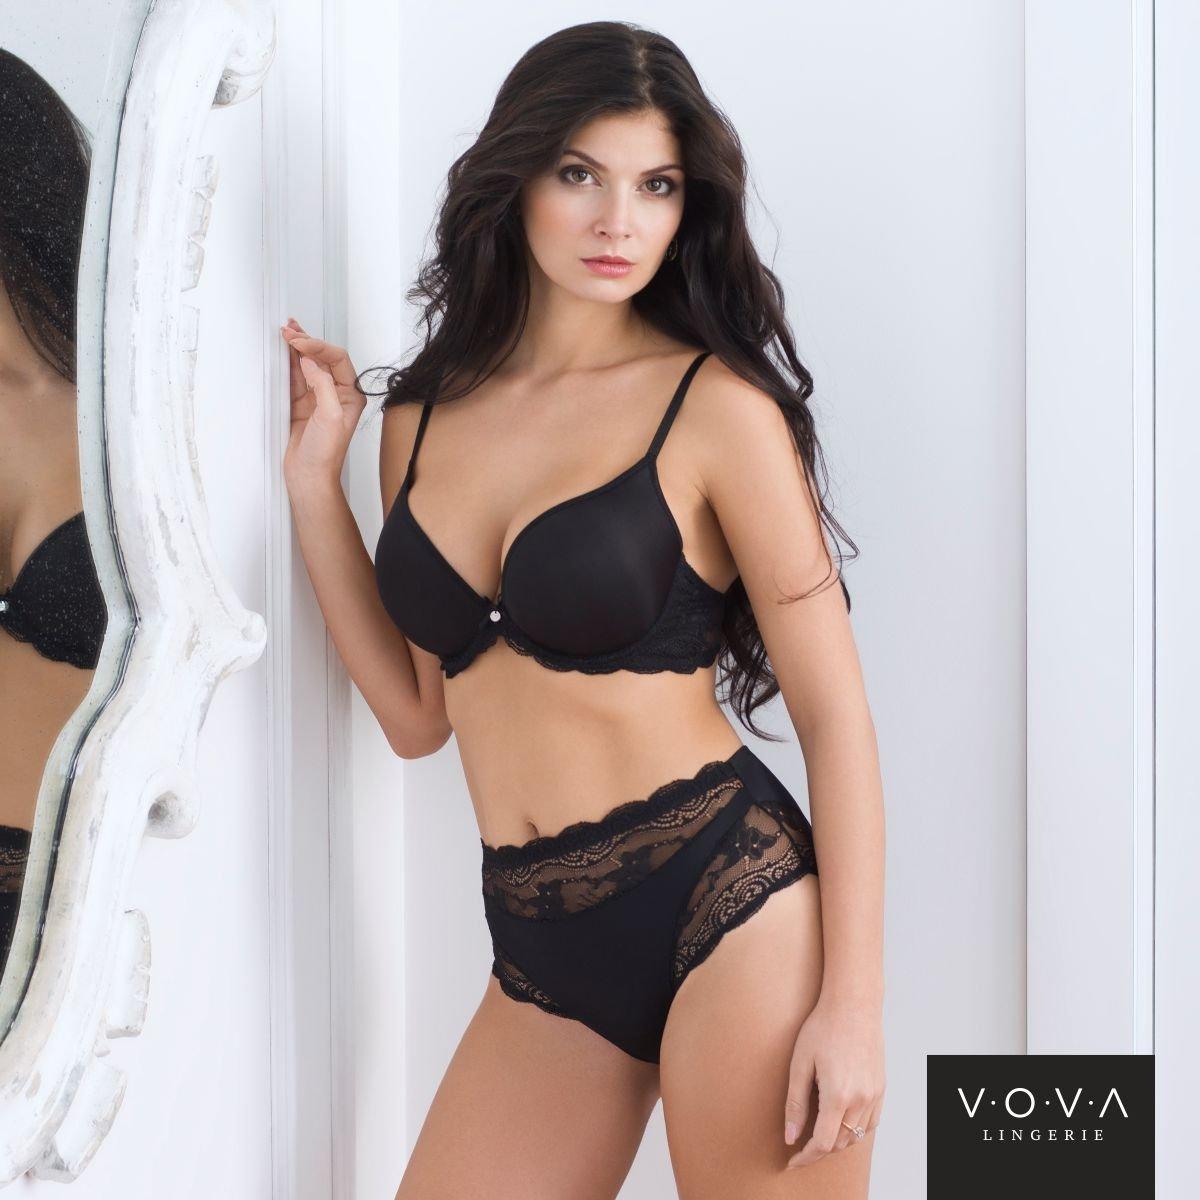 Bbw Lingerie Tumblr Cheap women's underwear online | v.o.v.a. lingerie